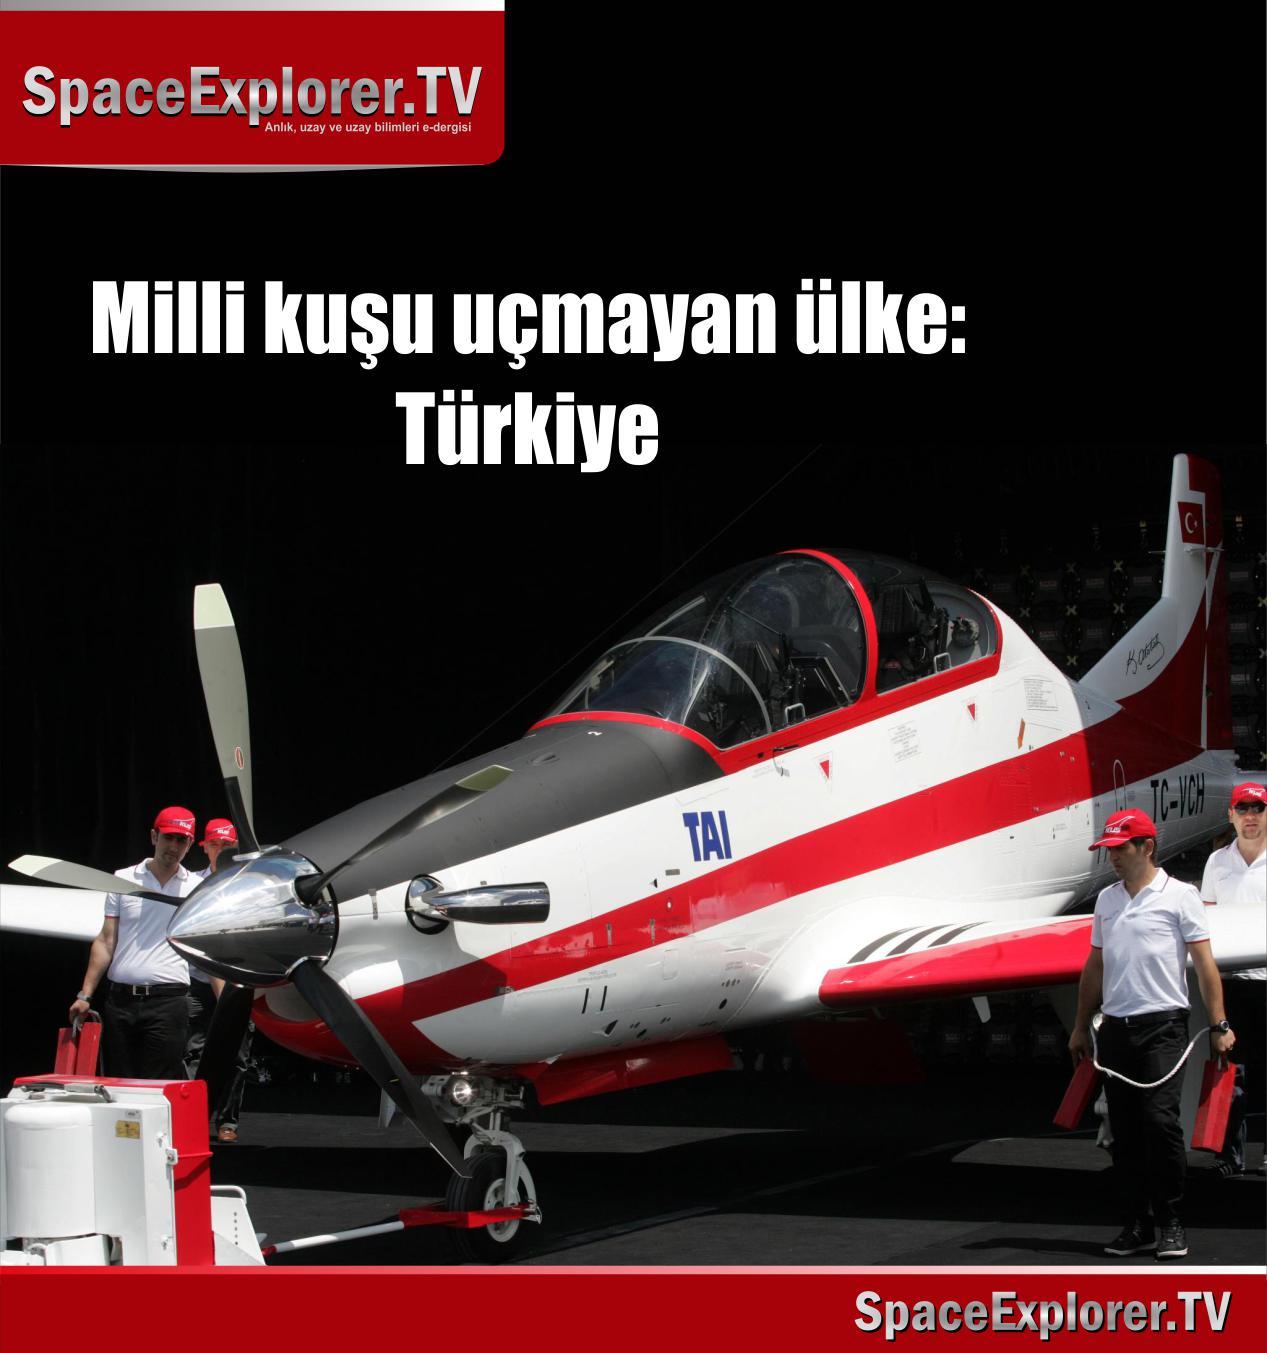 Milli kuşu uçmayan ülke: Türkiye